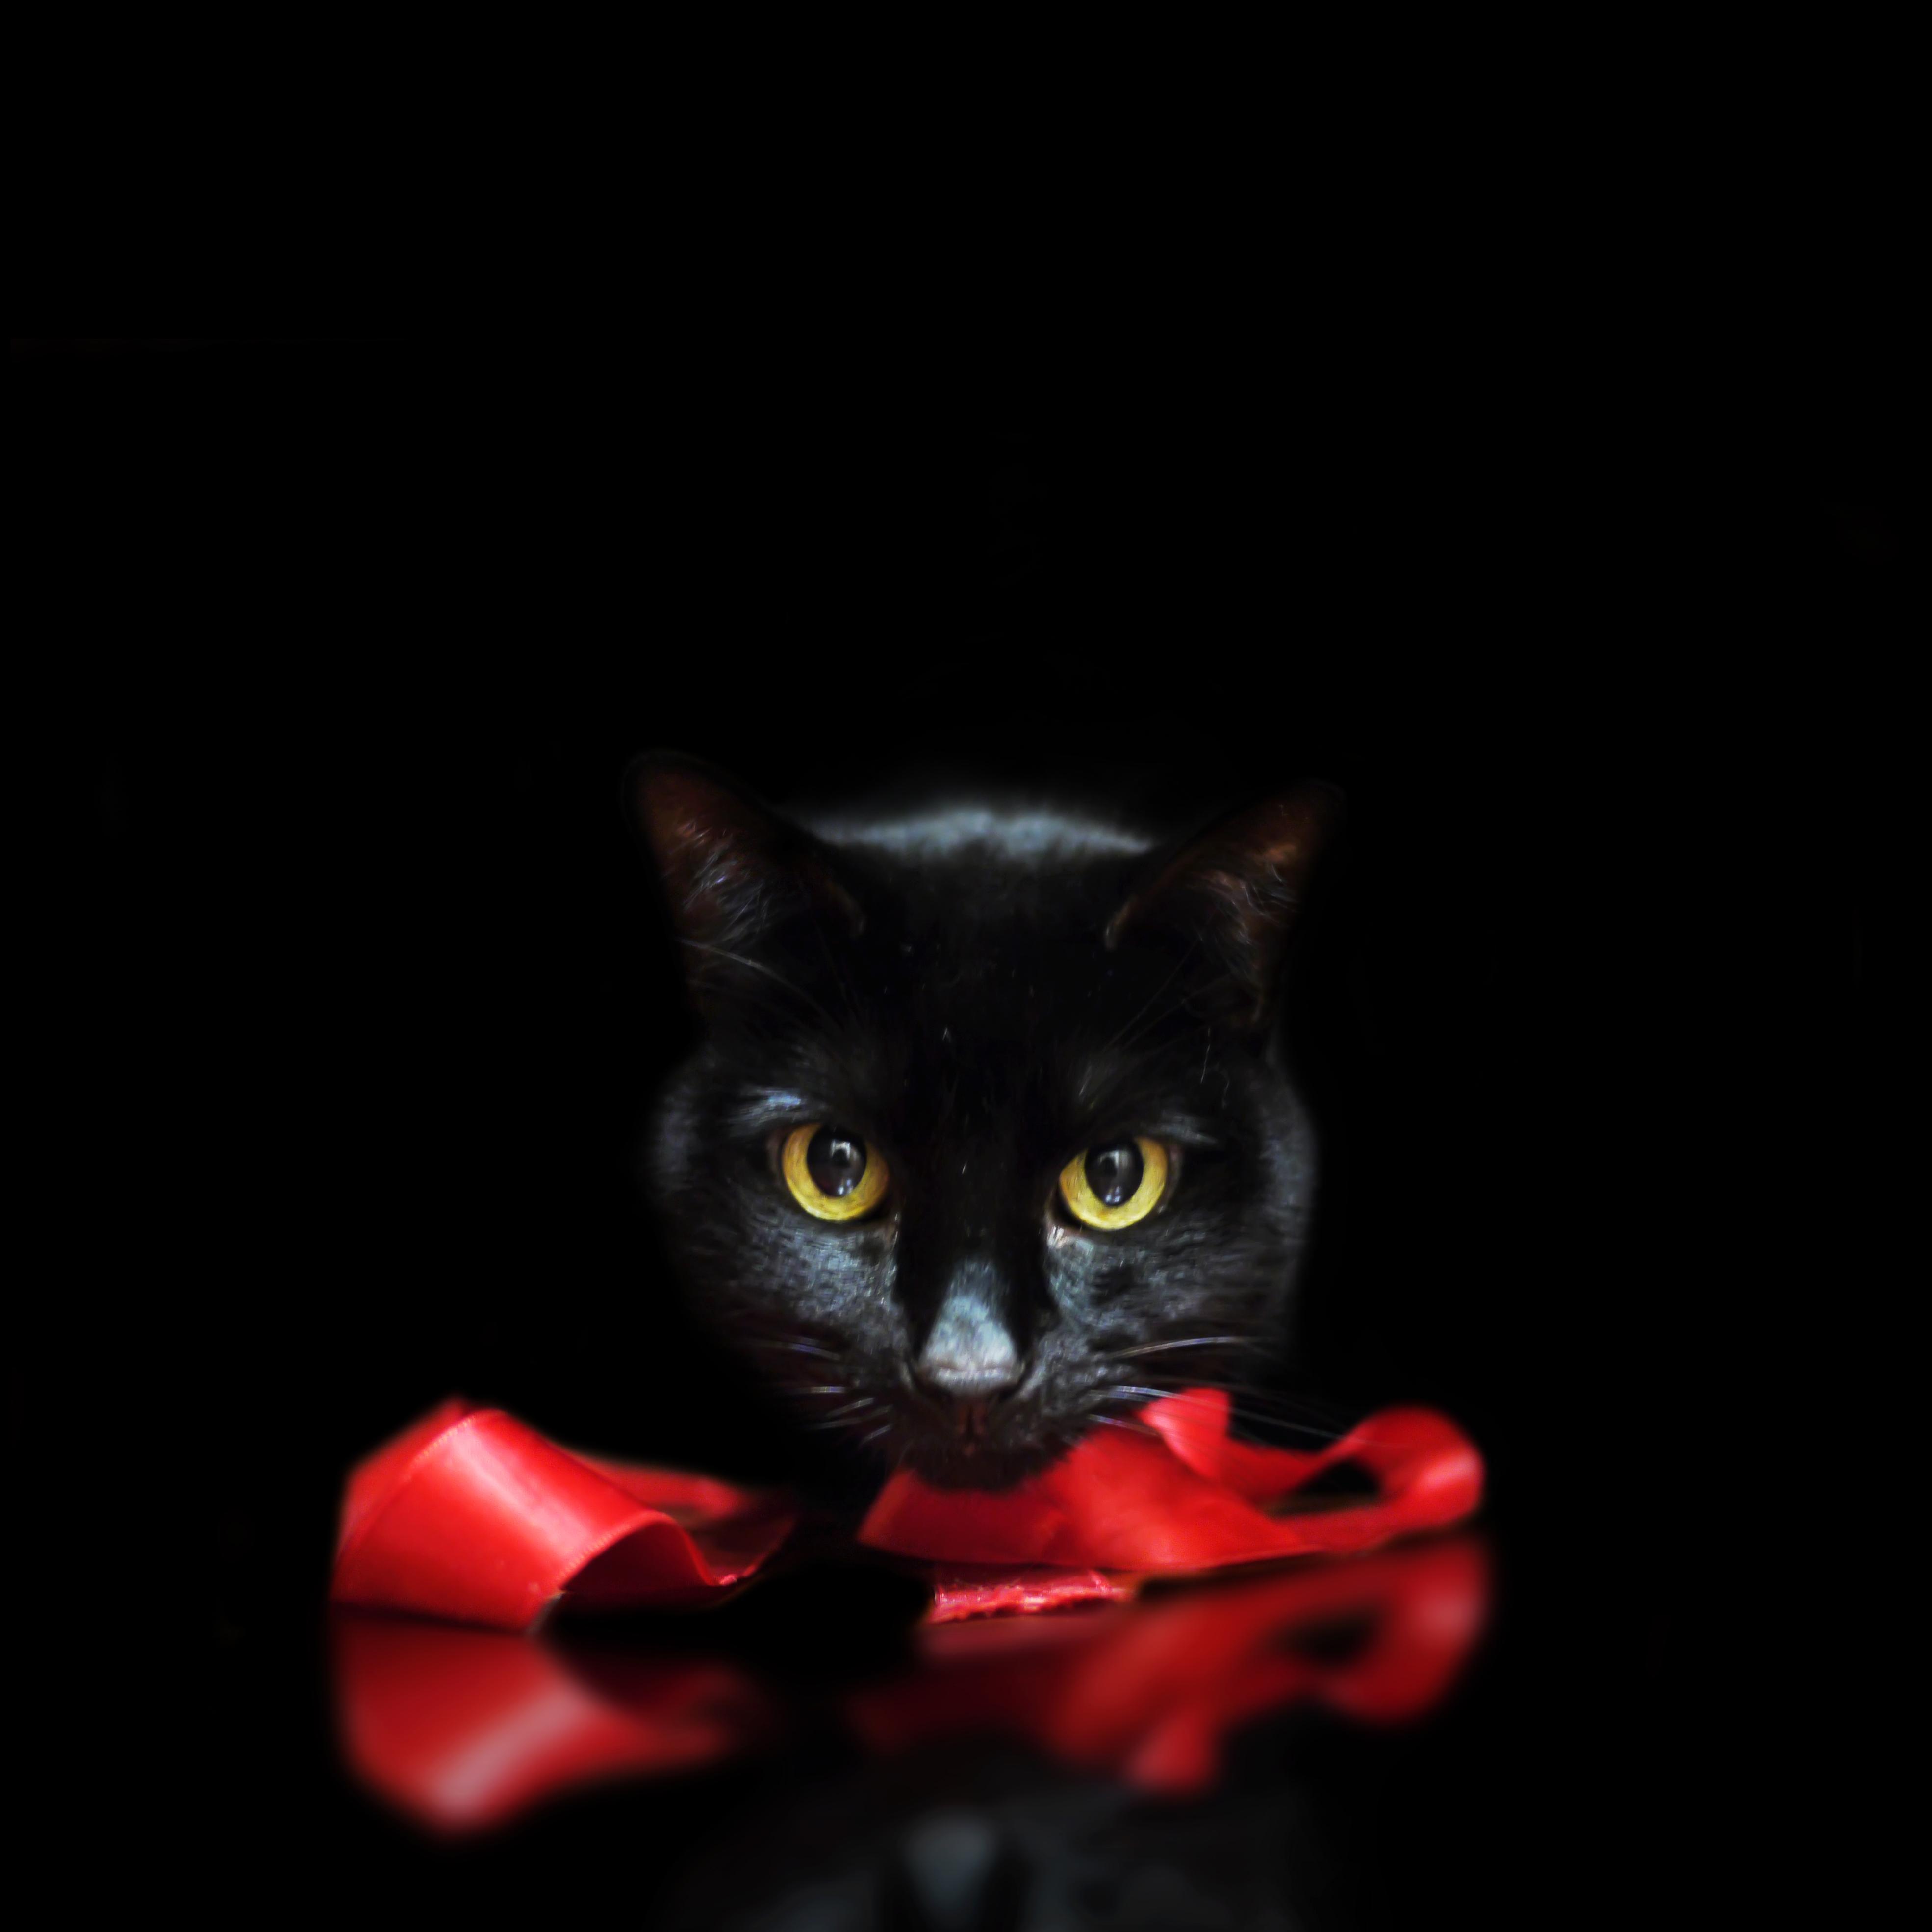 フリー画像 動物写真 哺乳類 ネコ科 猫 ネコ 黒猫 黒色 ブラック フリー素材 画像素材なら 無料 フリー写真素材のフリーフォト